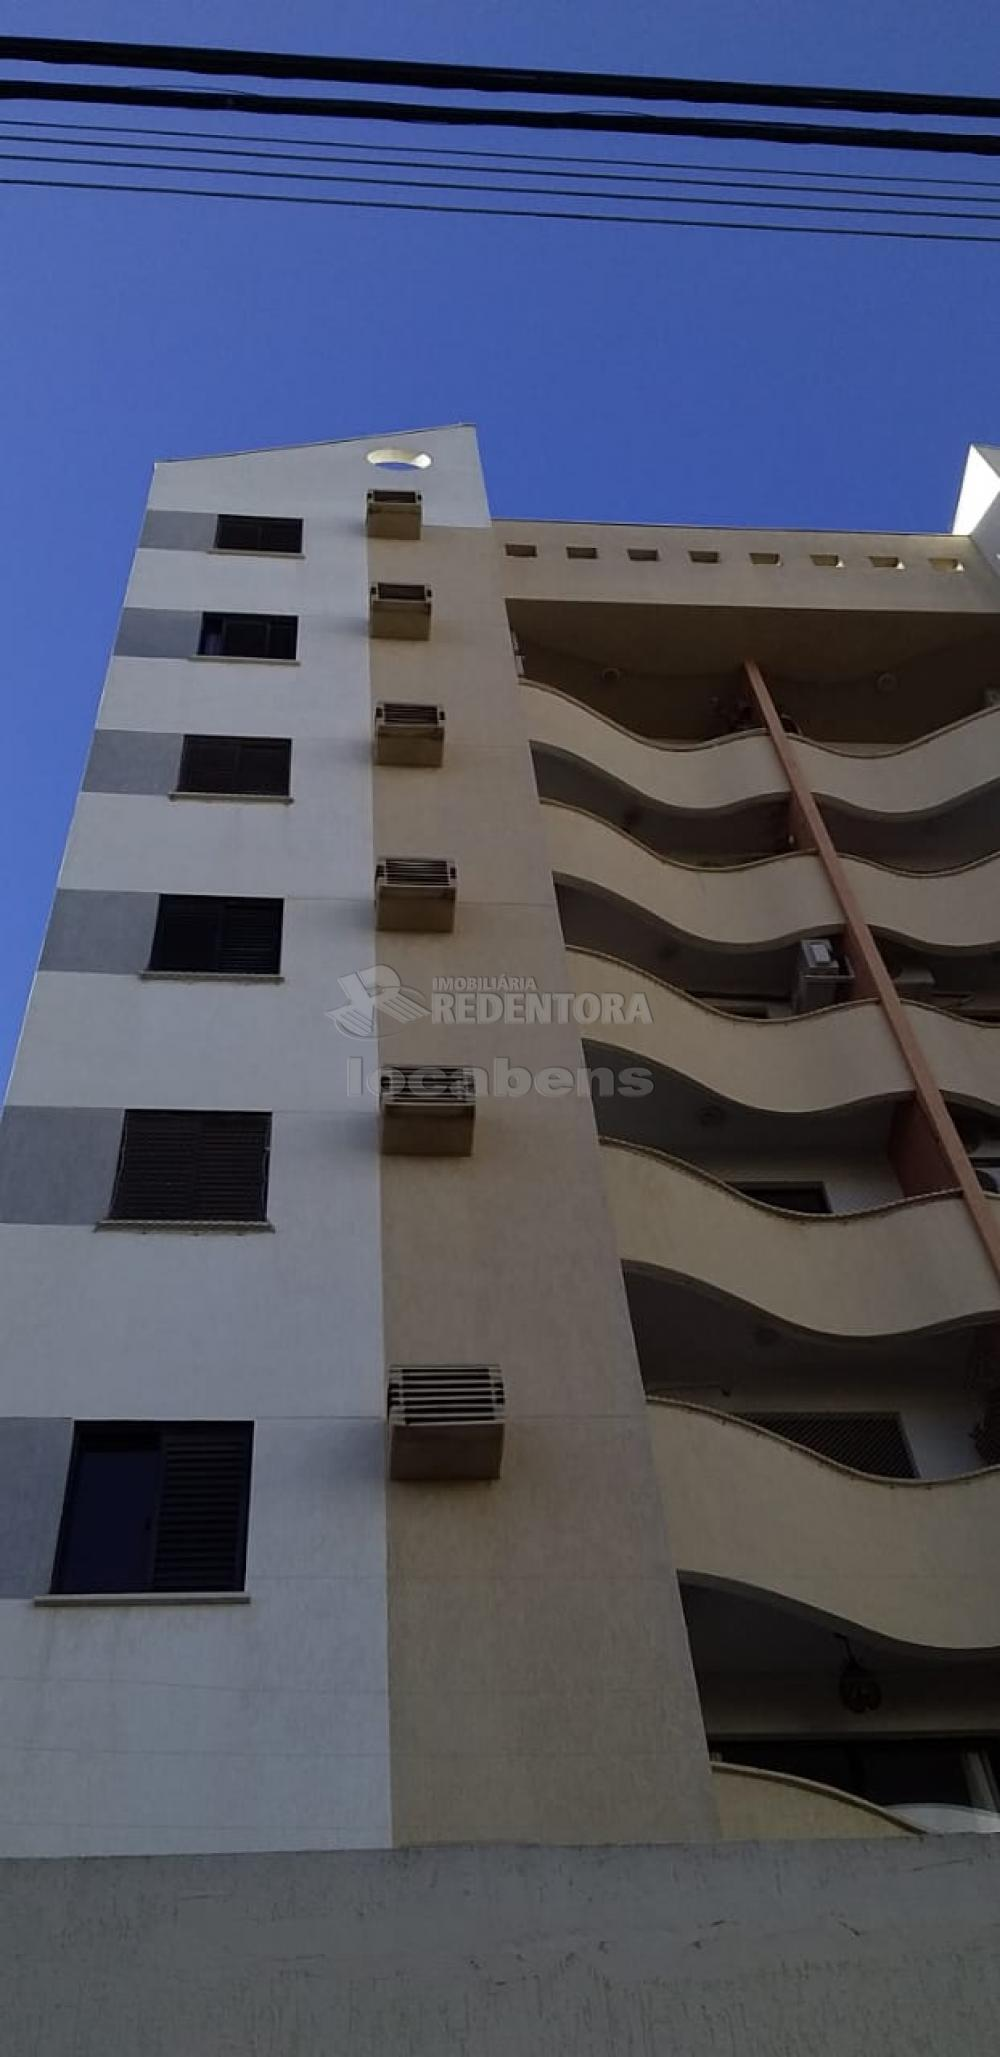 Comprar Apartamento / Padrão em São José do Rio Preto apenas R$ 360.000,00 - Foto 1